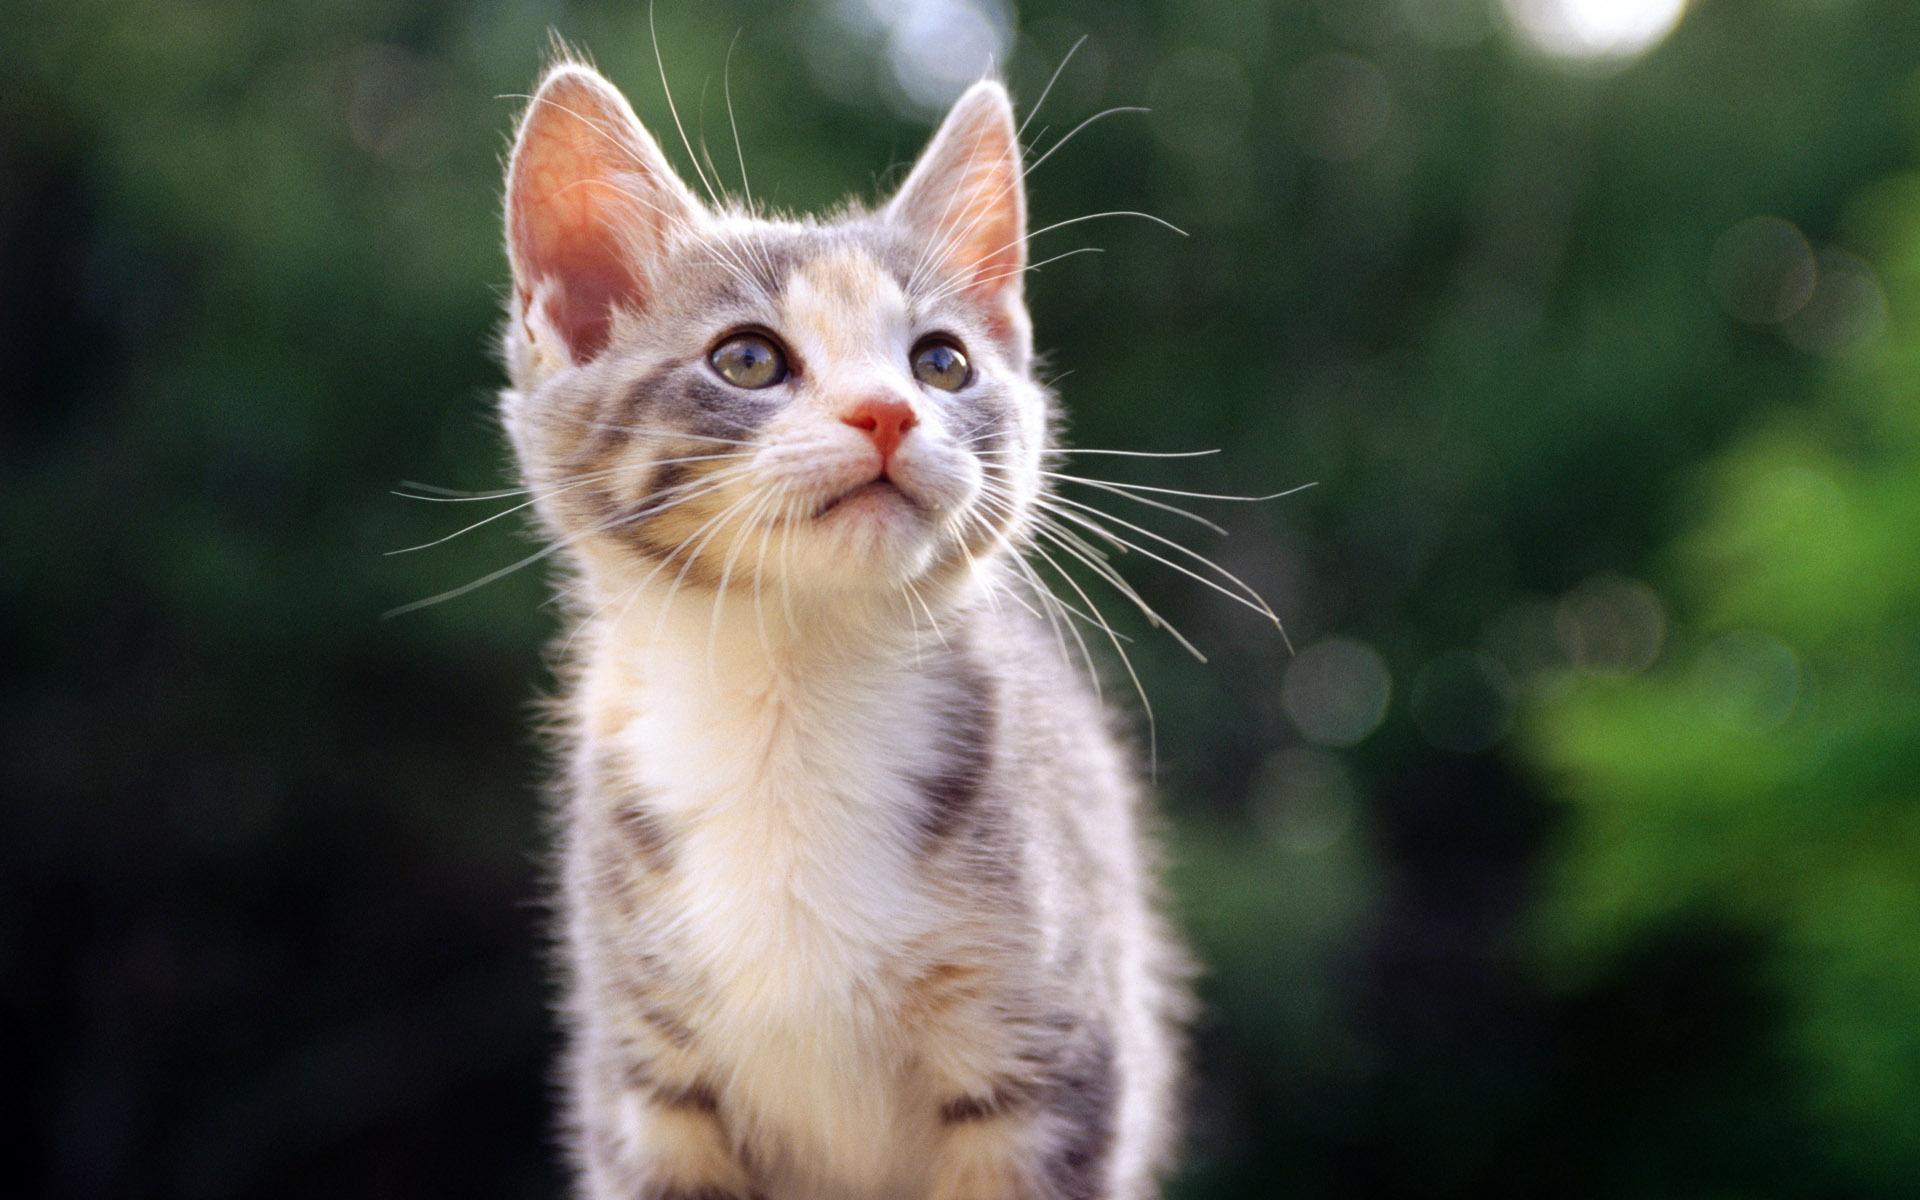 природа животное котенок кот  № 1981127 бесплатно